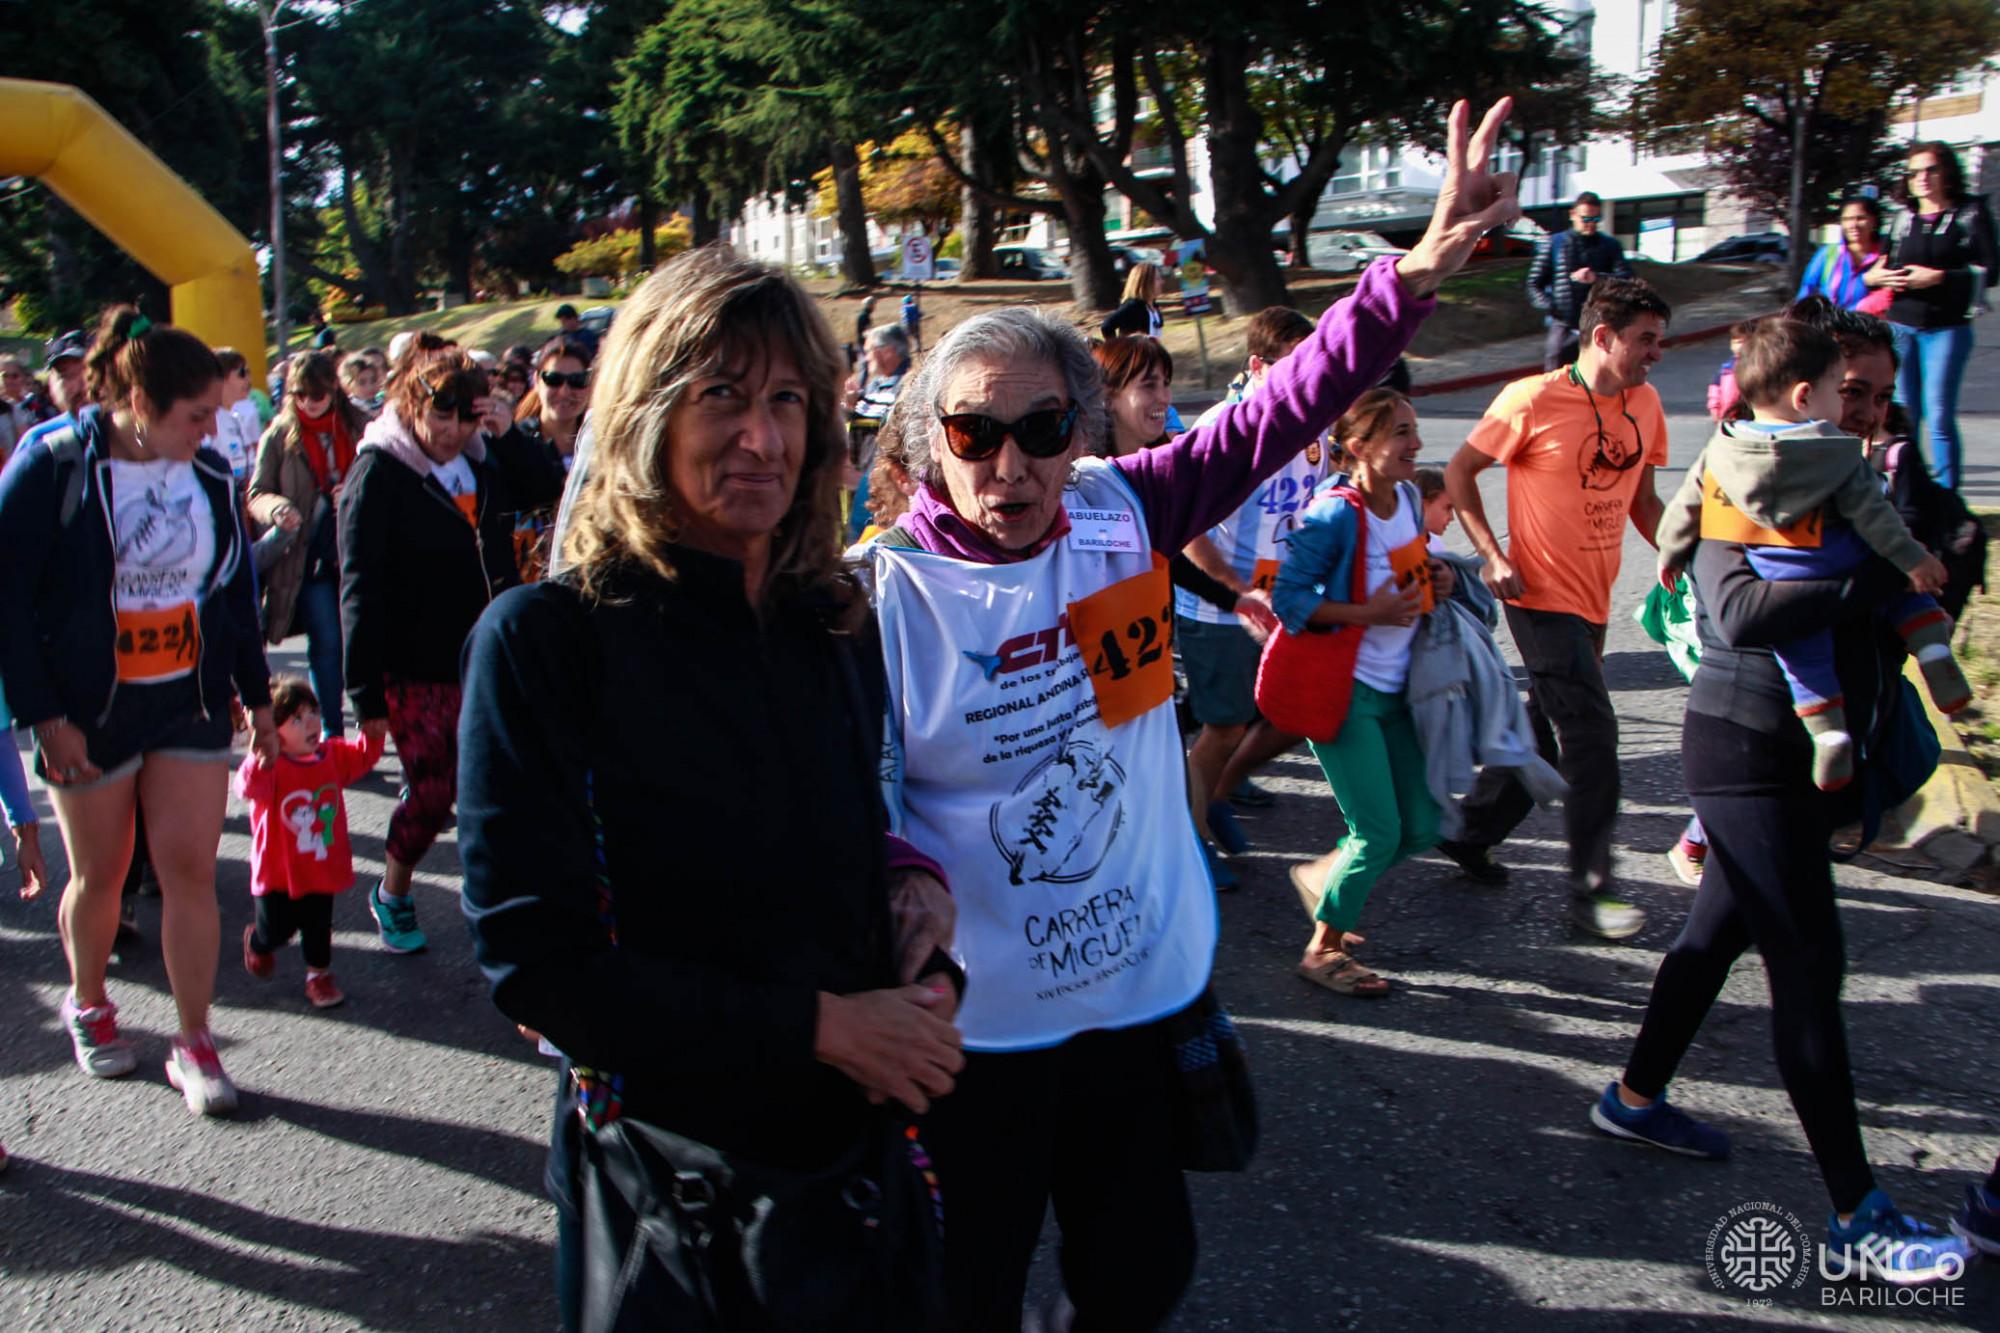 Carrera de Miguel 2019-11